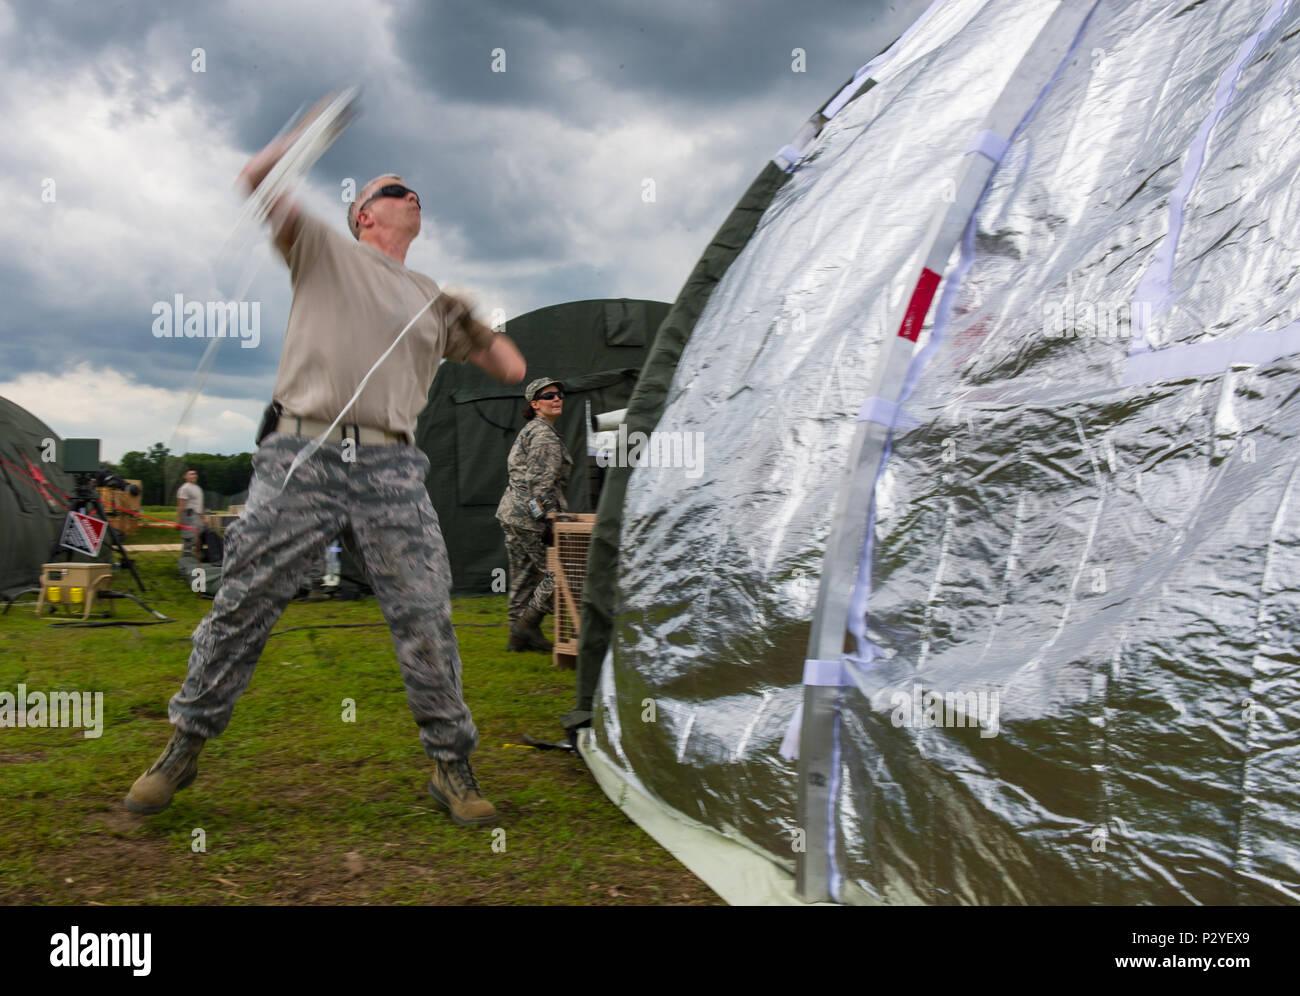 Großzügig Zeltrahmen Fotos - Benutzerdefinierte Bilderrahmen Ideen ...